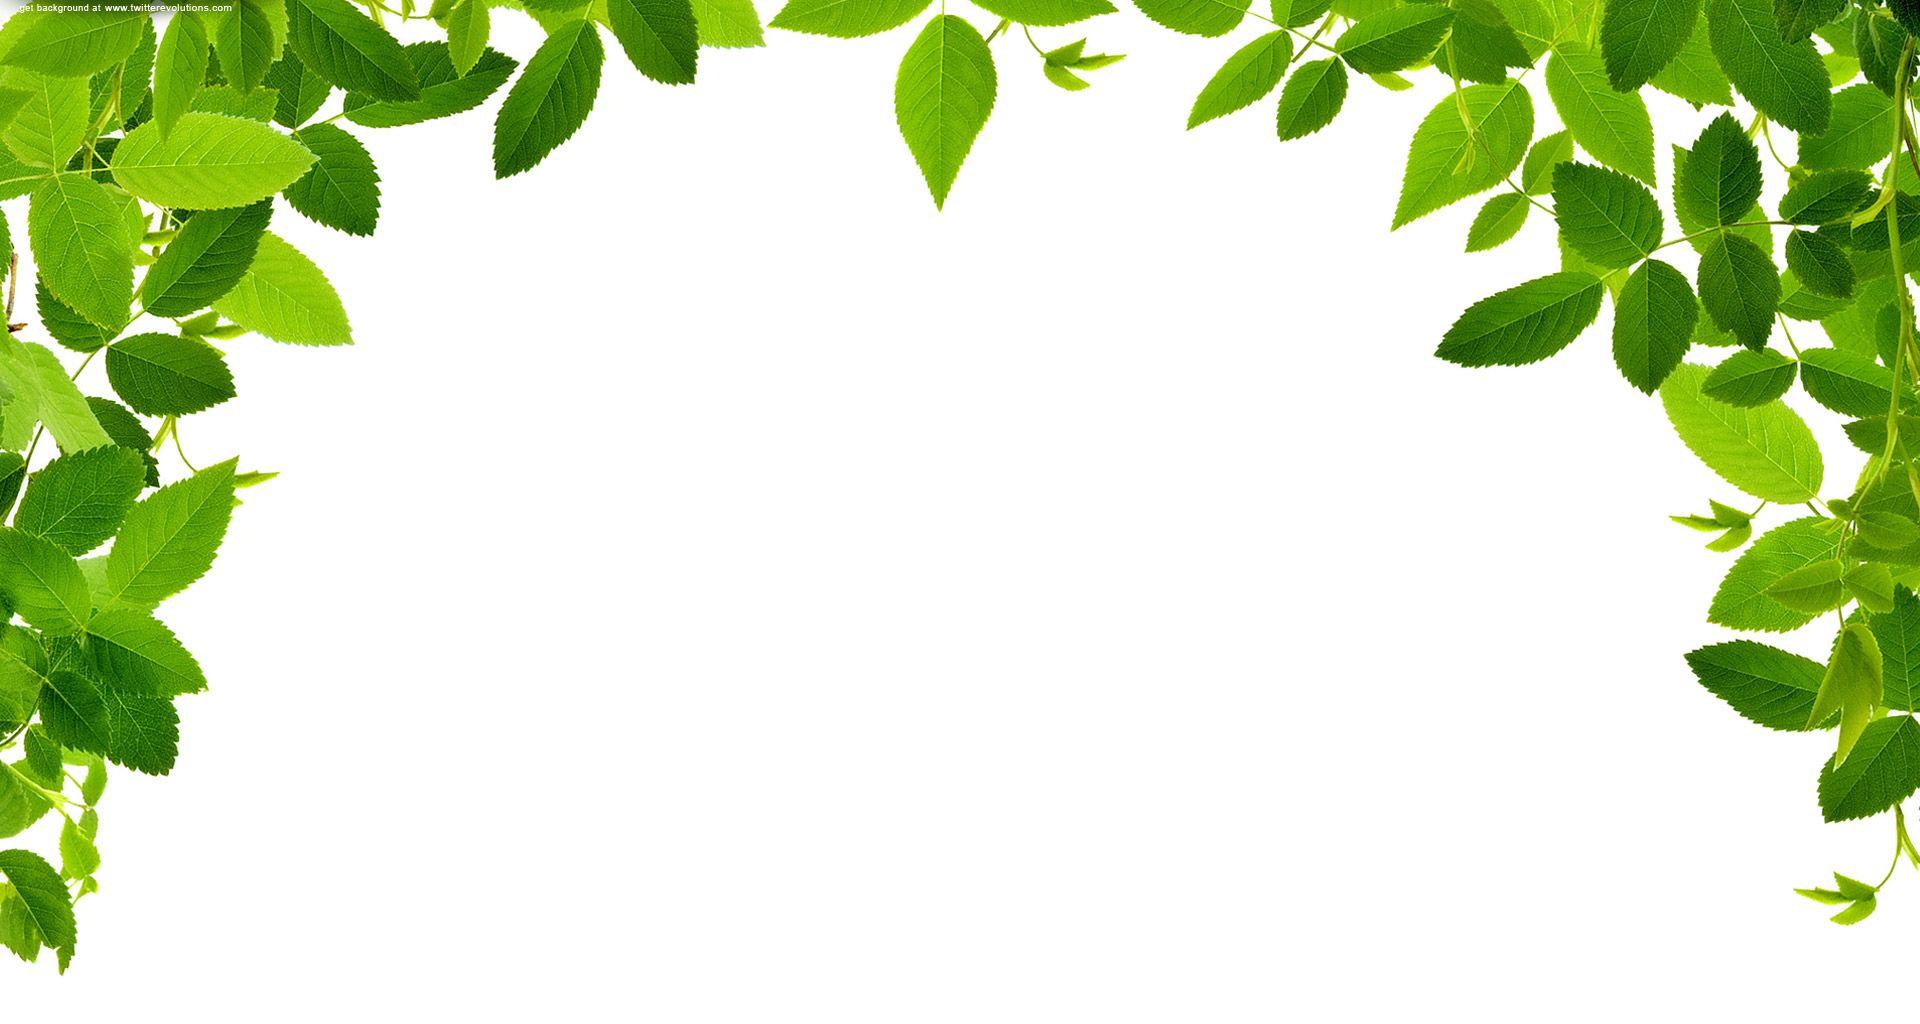 Leaves Real Free Images At Clker Com Vector Clip Art Online Cartoon Leaf Leaf Border Clip Art